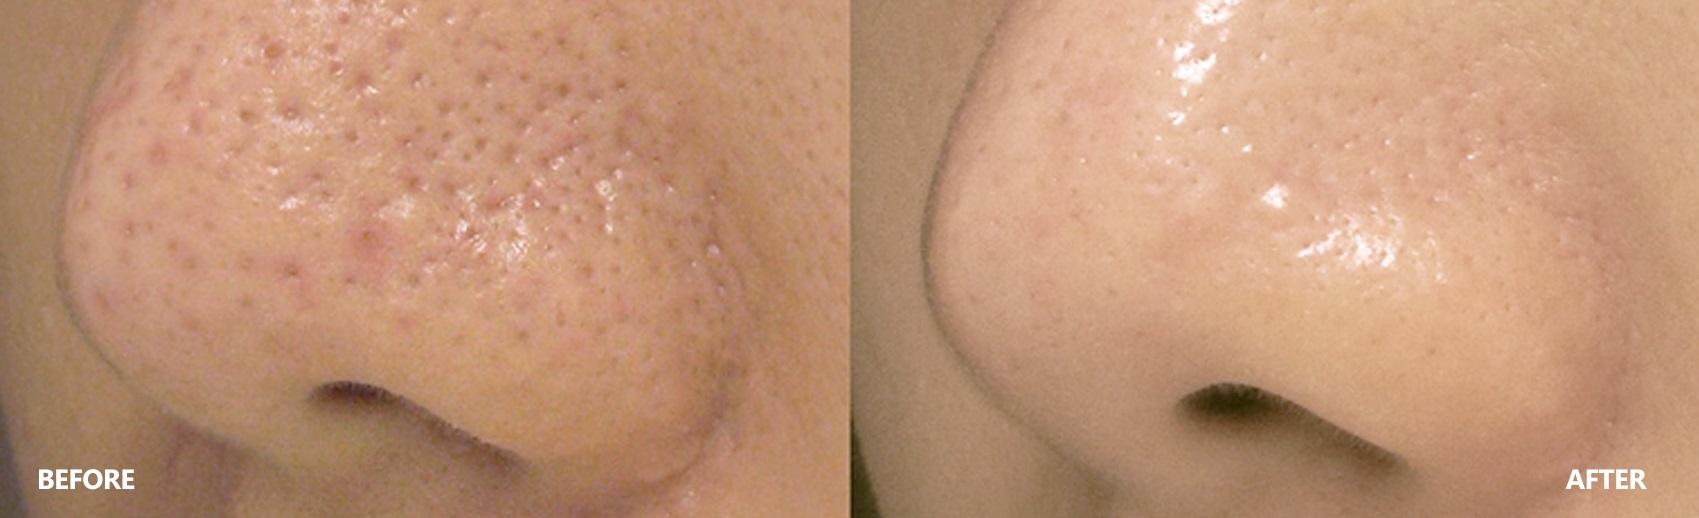 pore-result-banner-4